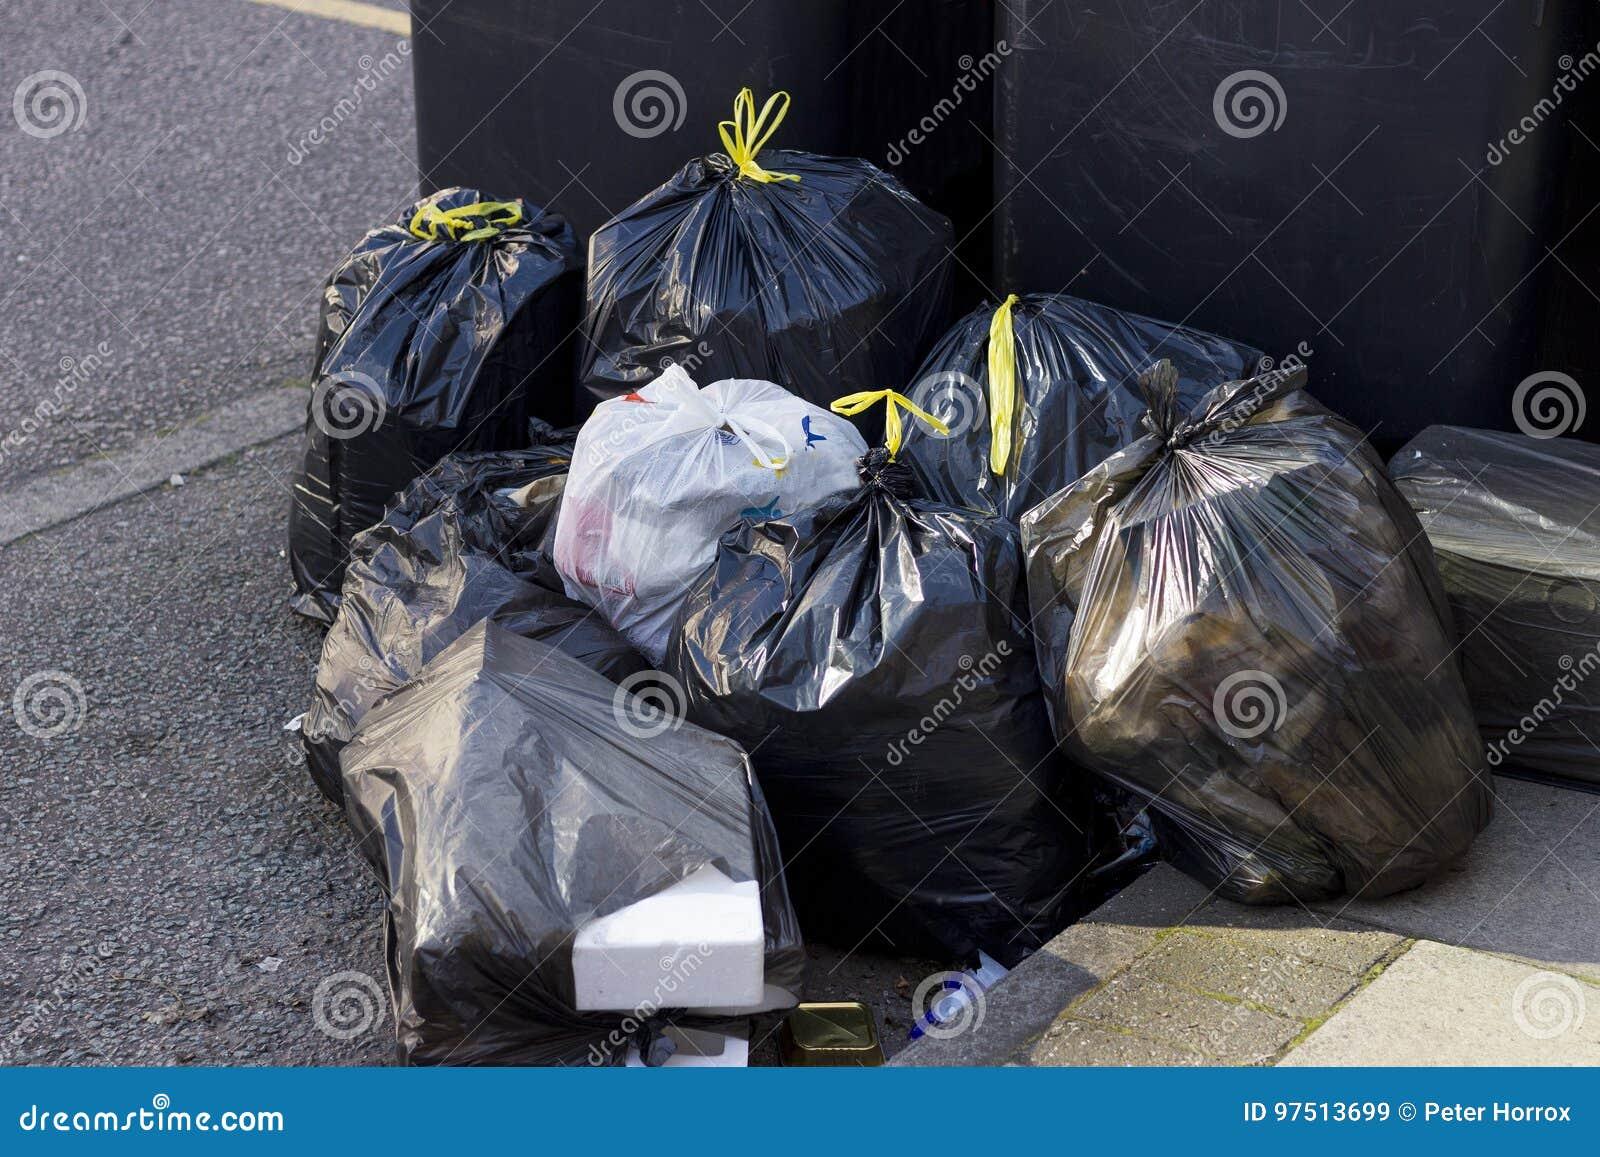 Stapel van vuilniszakken